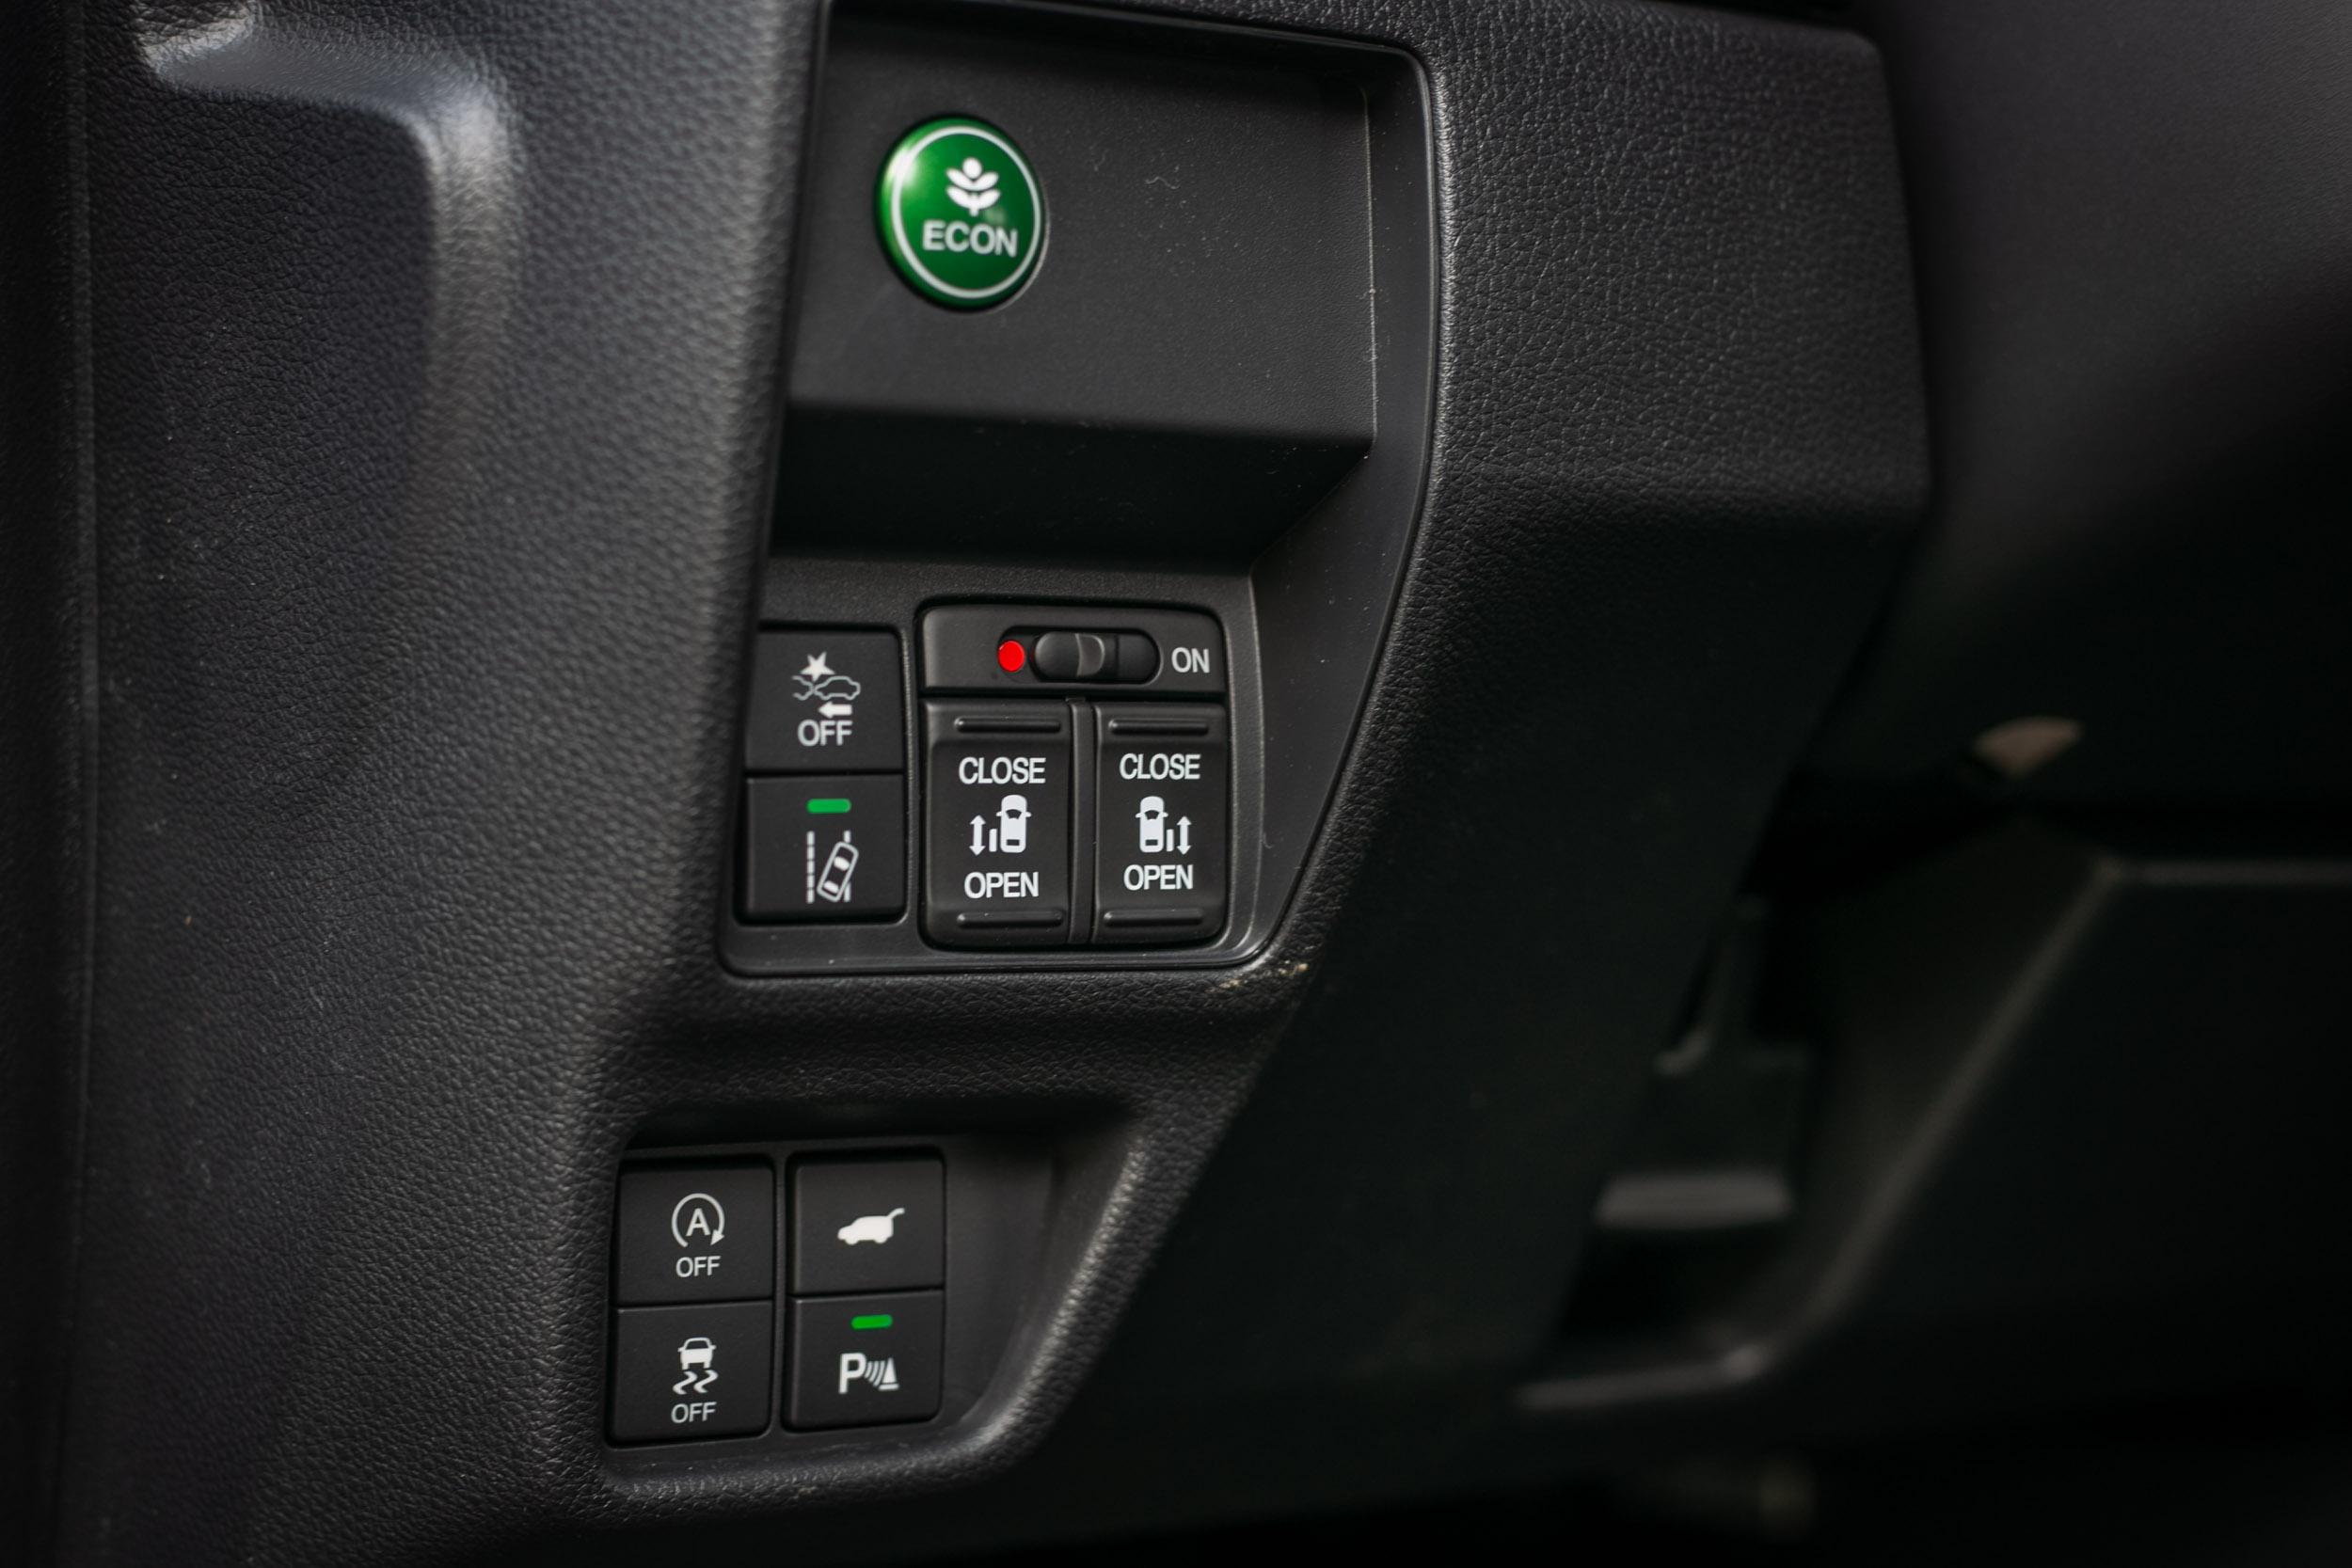 登峰版才有兩側電動滑門機制,入門的卓越版駕駛側滑門為手動。